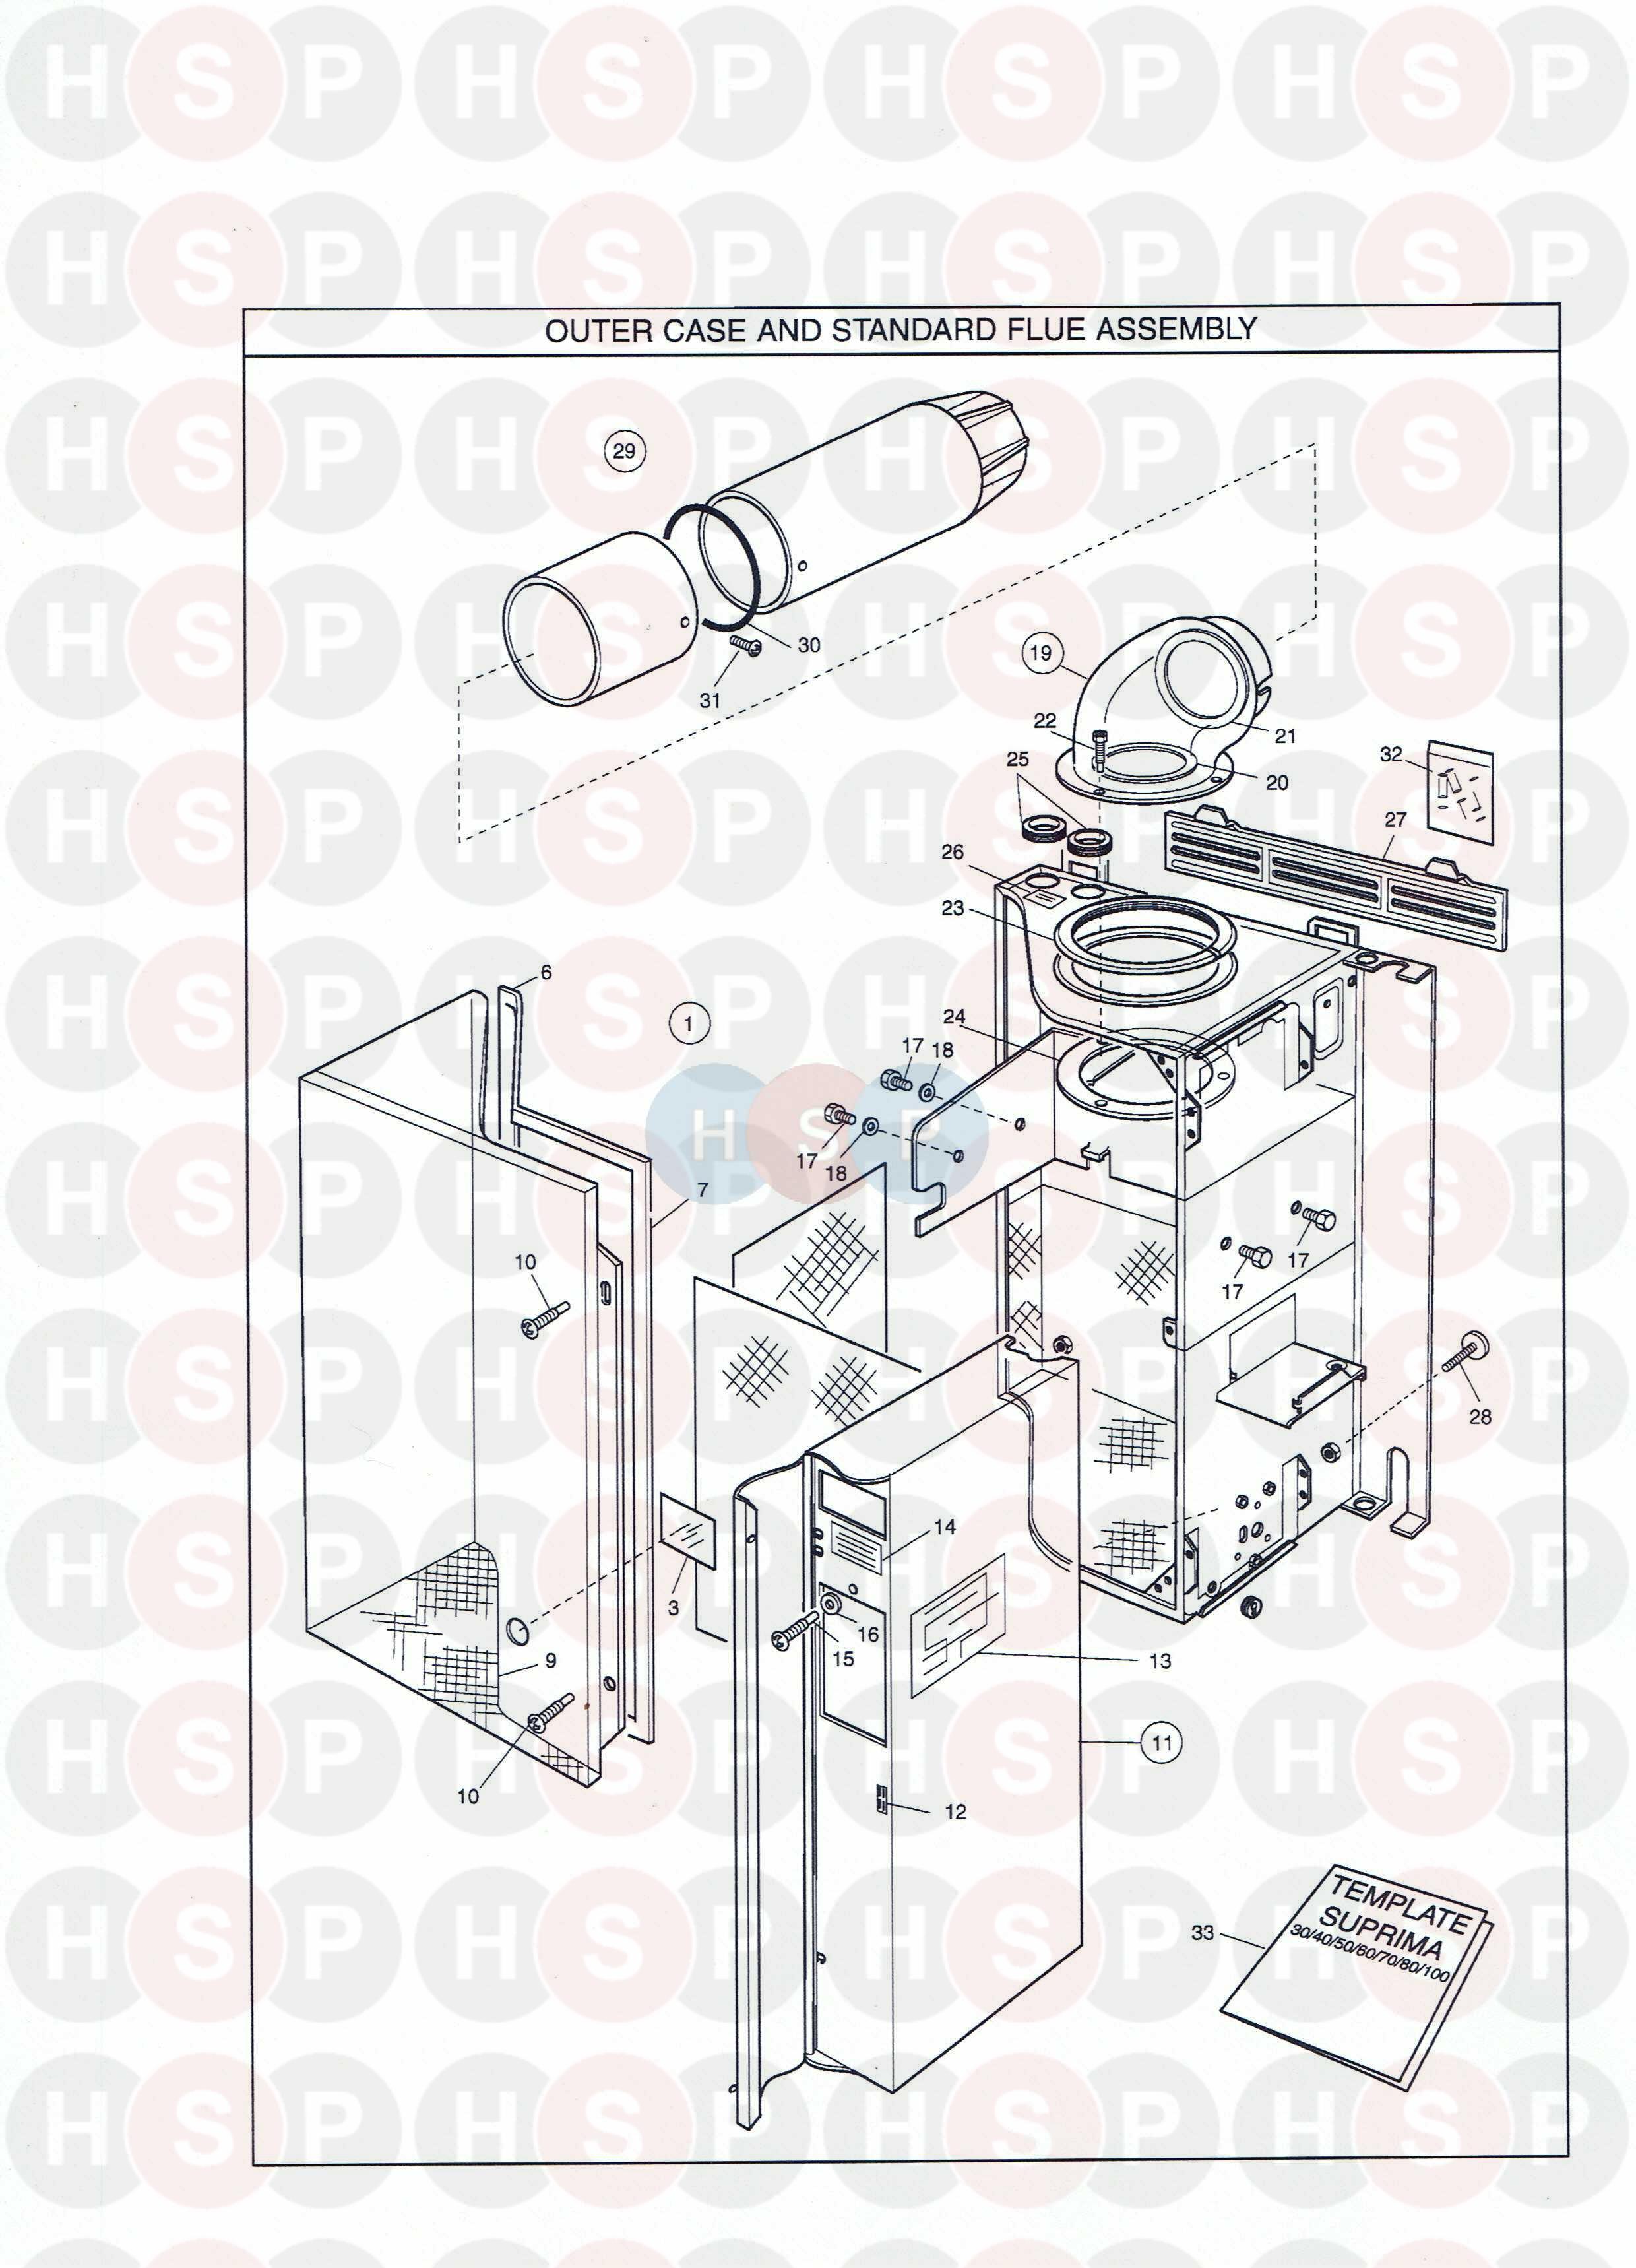 Potterton SUPRIMA 30L Appliance Diagram (Outer Case